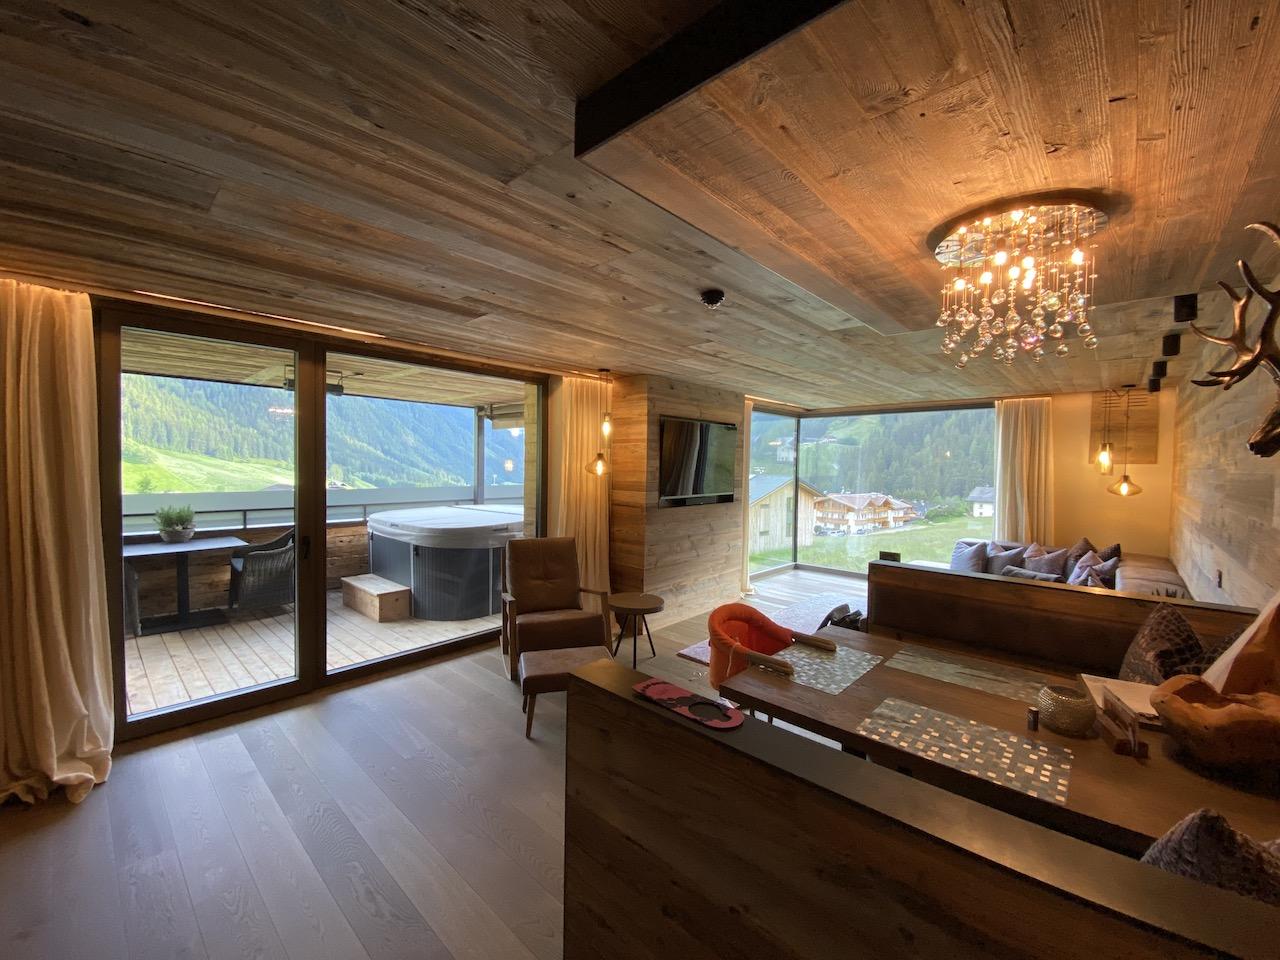 Wunderschönes Wohnzimmer mit Panoramafenster zum Tal